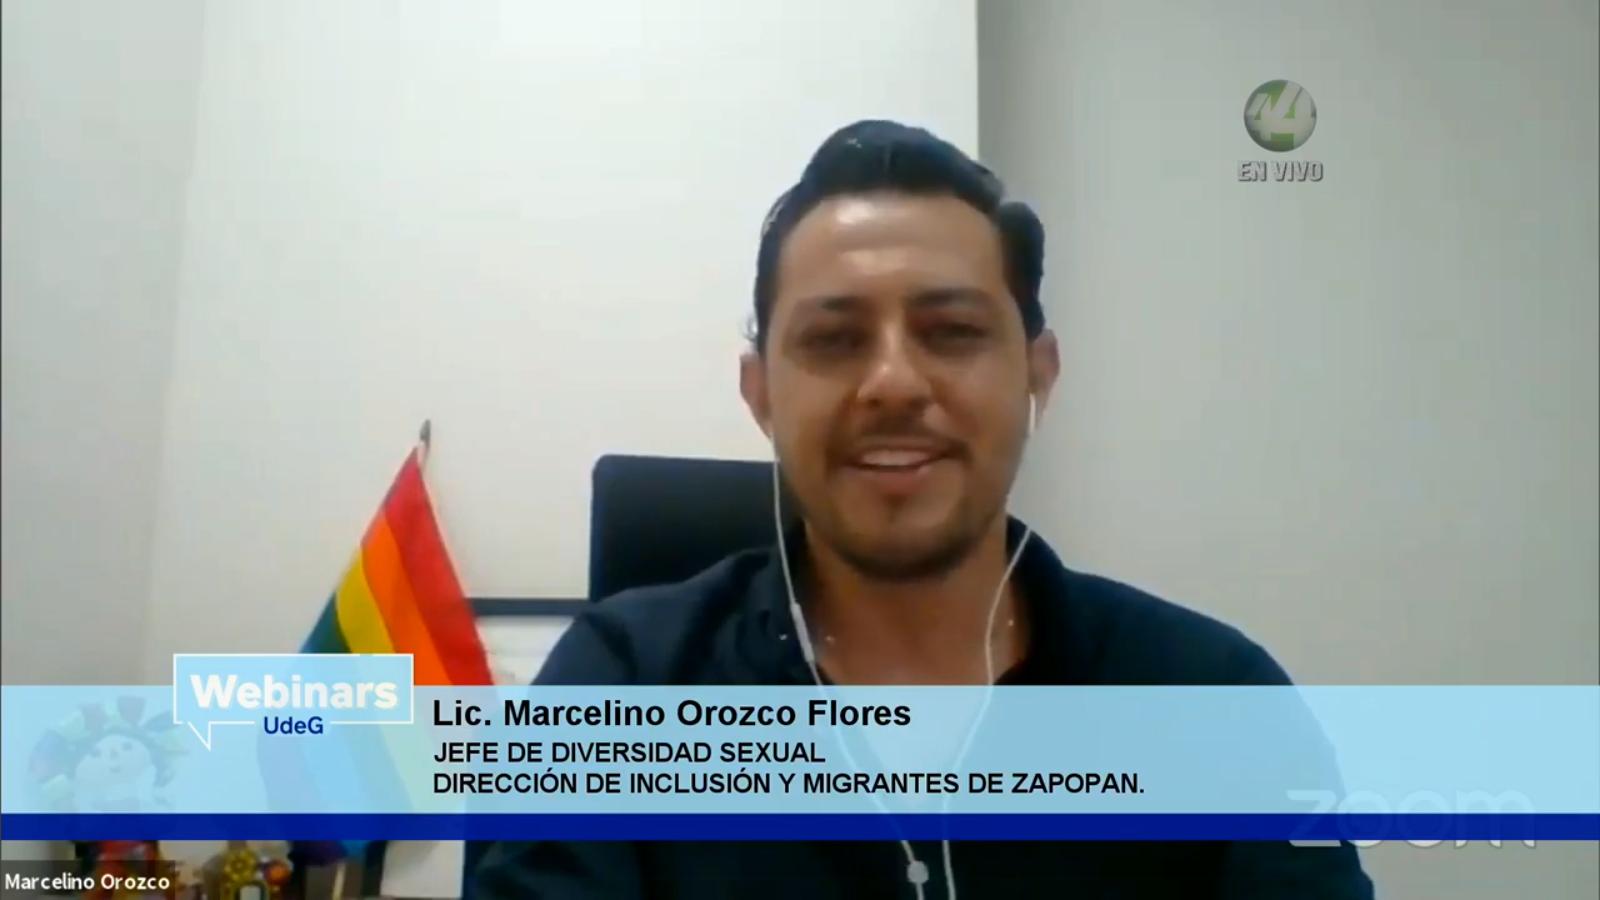 El Jefe de Diversidad Sexual, de la Dirección de Inclusión y Migrantes de Zapopan, Marcelino Orozco Flores